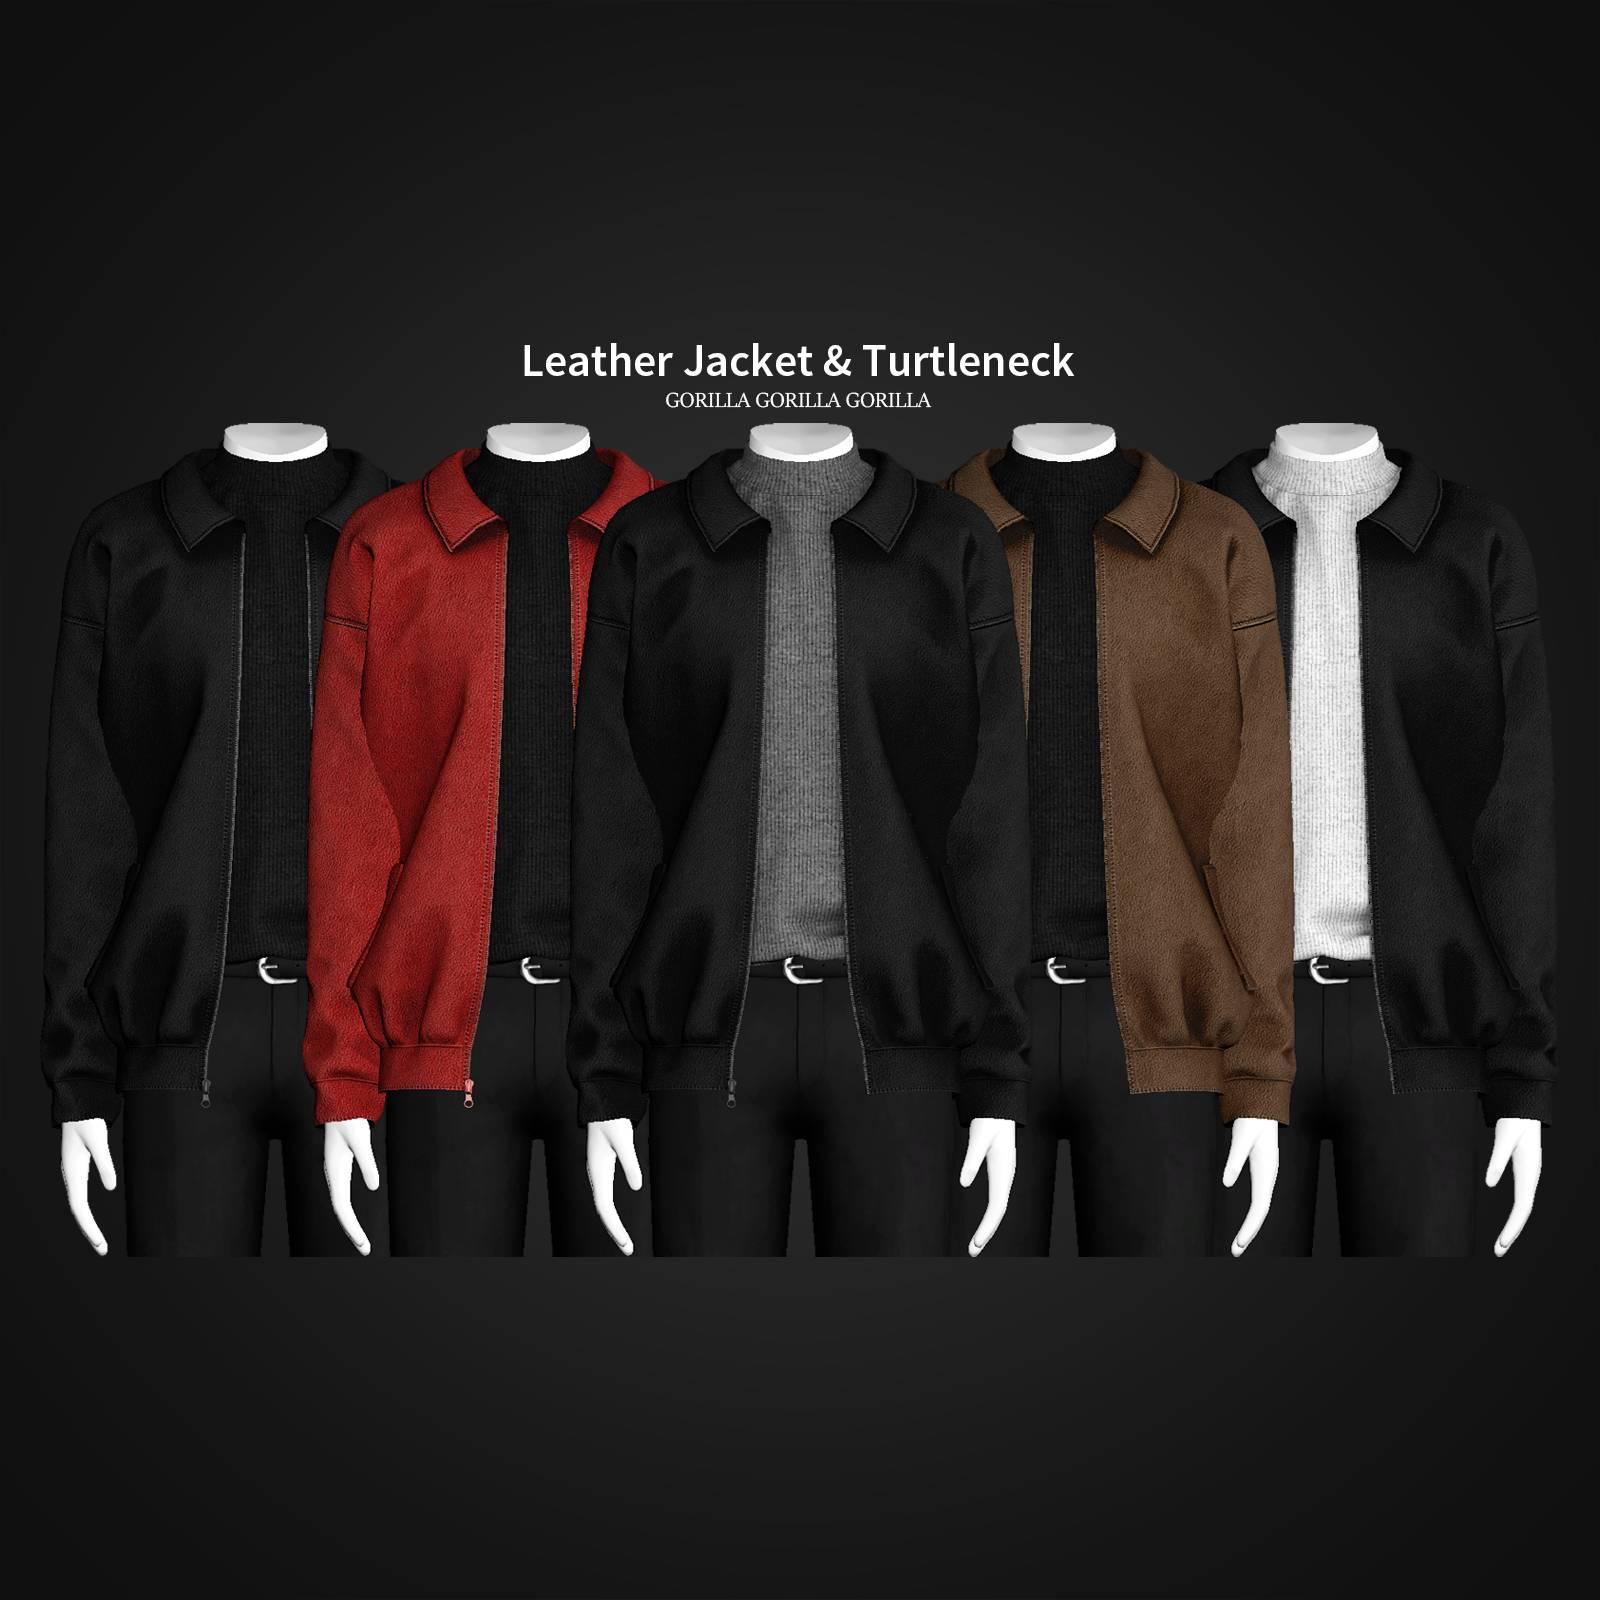 Куртка и водолазка - Leather Jacket & Turtleneck